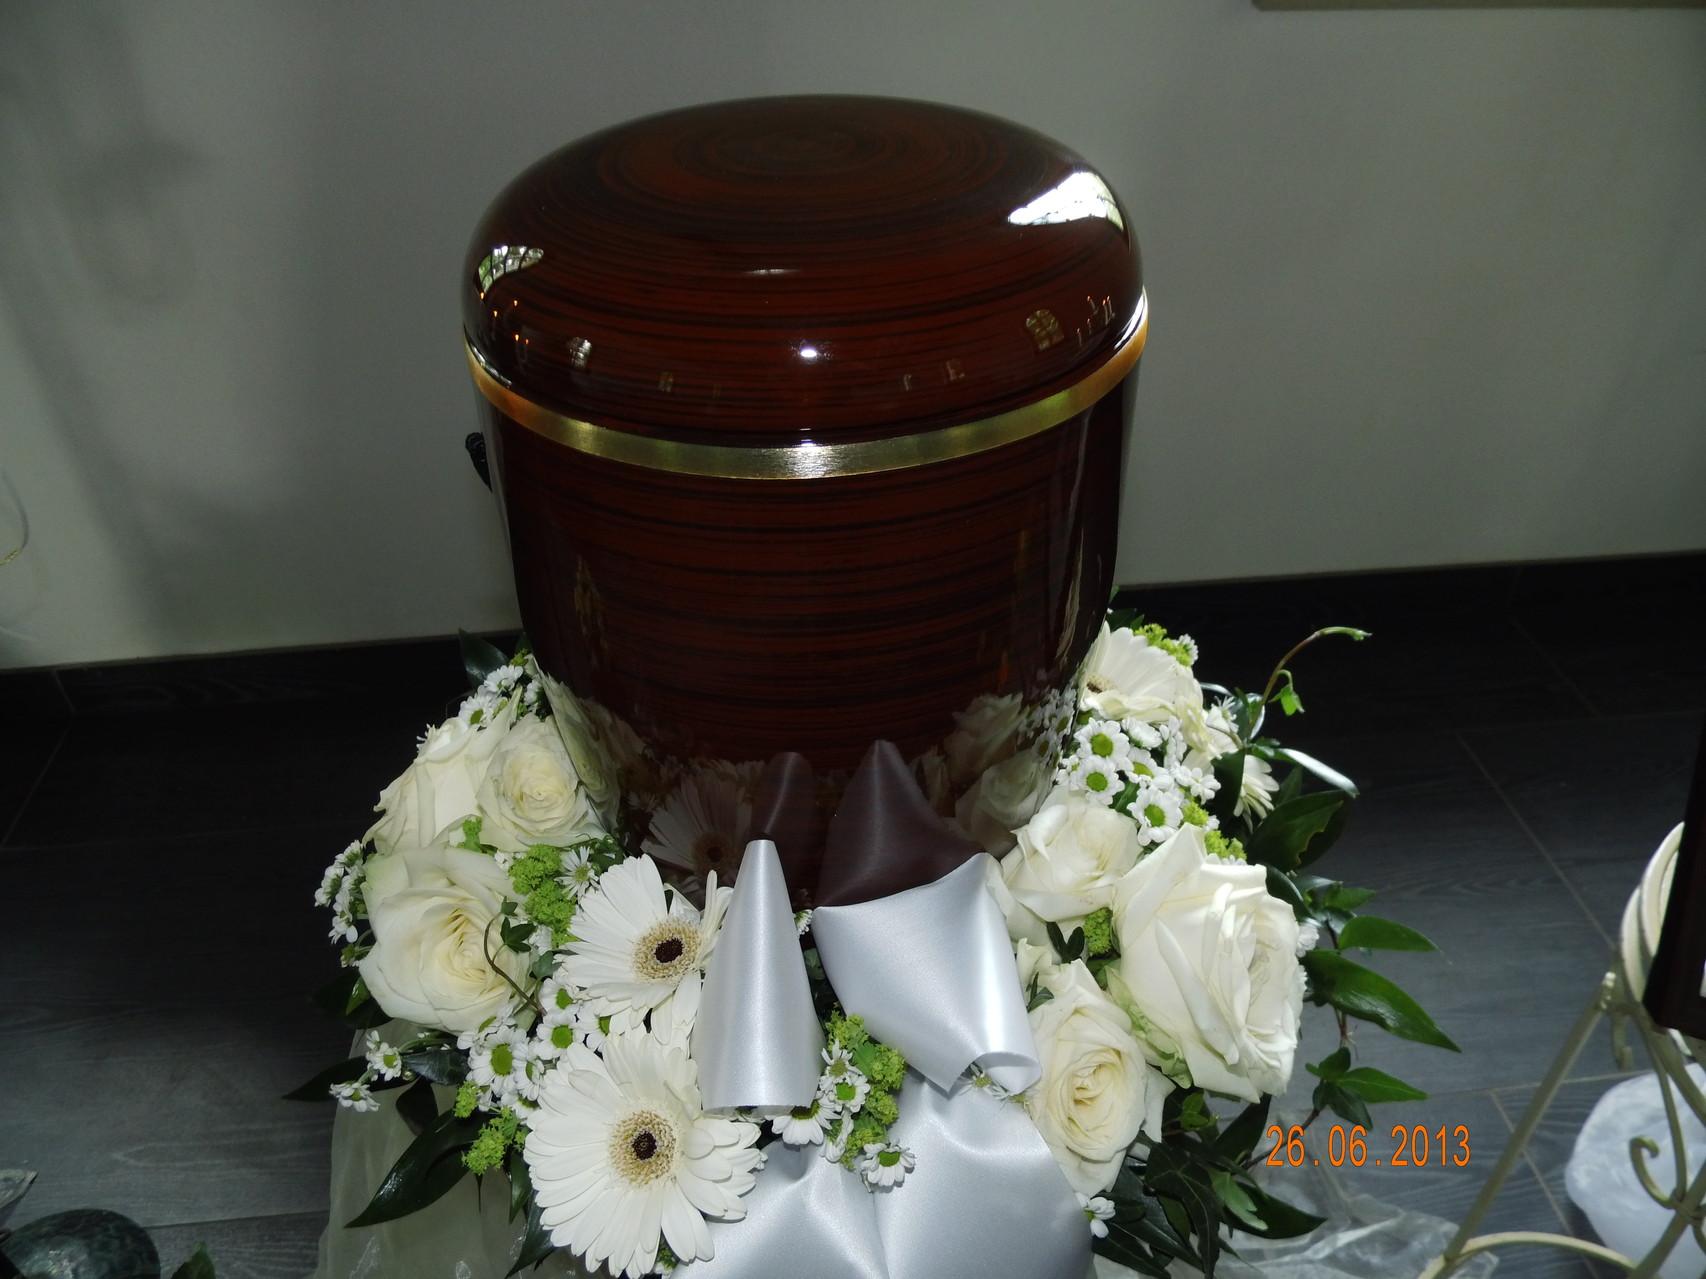 Urne mit Urnenkranz